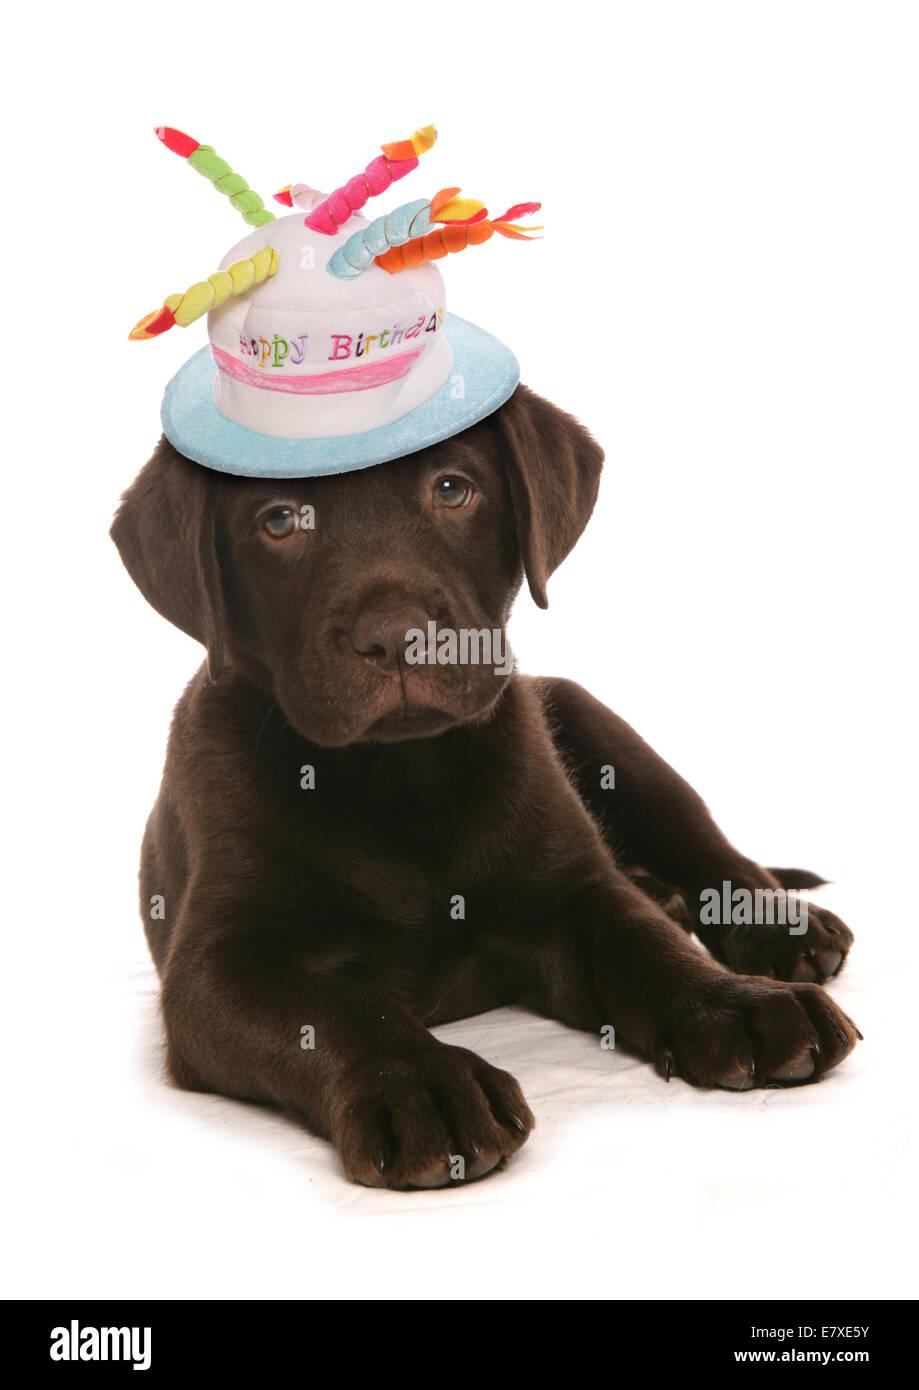 How to Buy a Chocolate Labrador How to Buy a Chocolate Labrador new pics